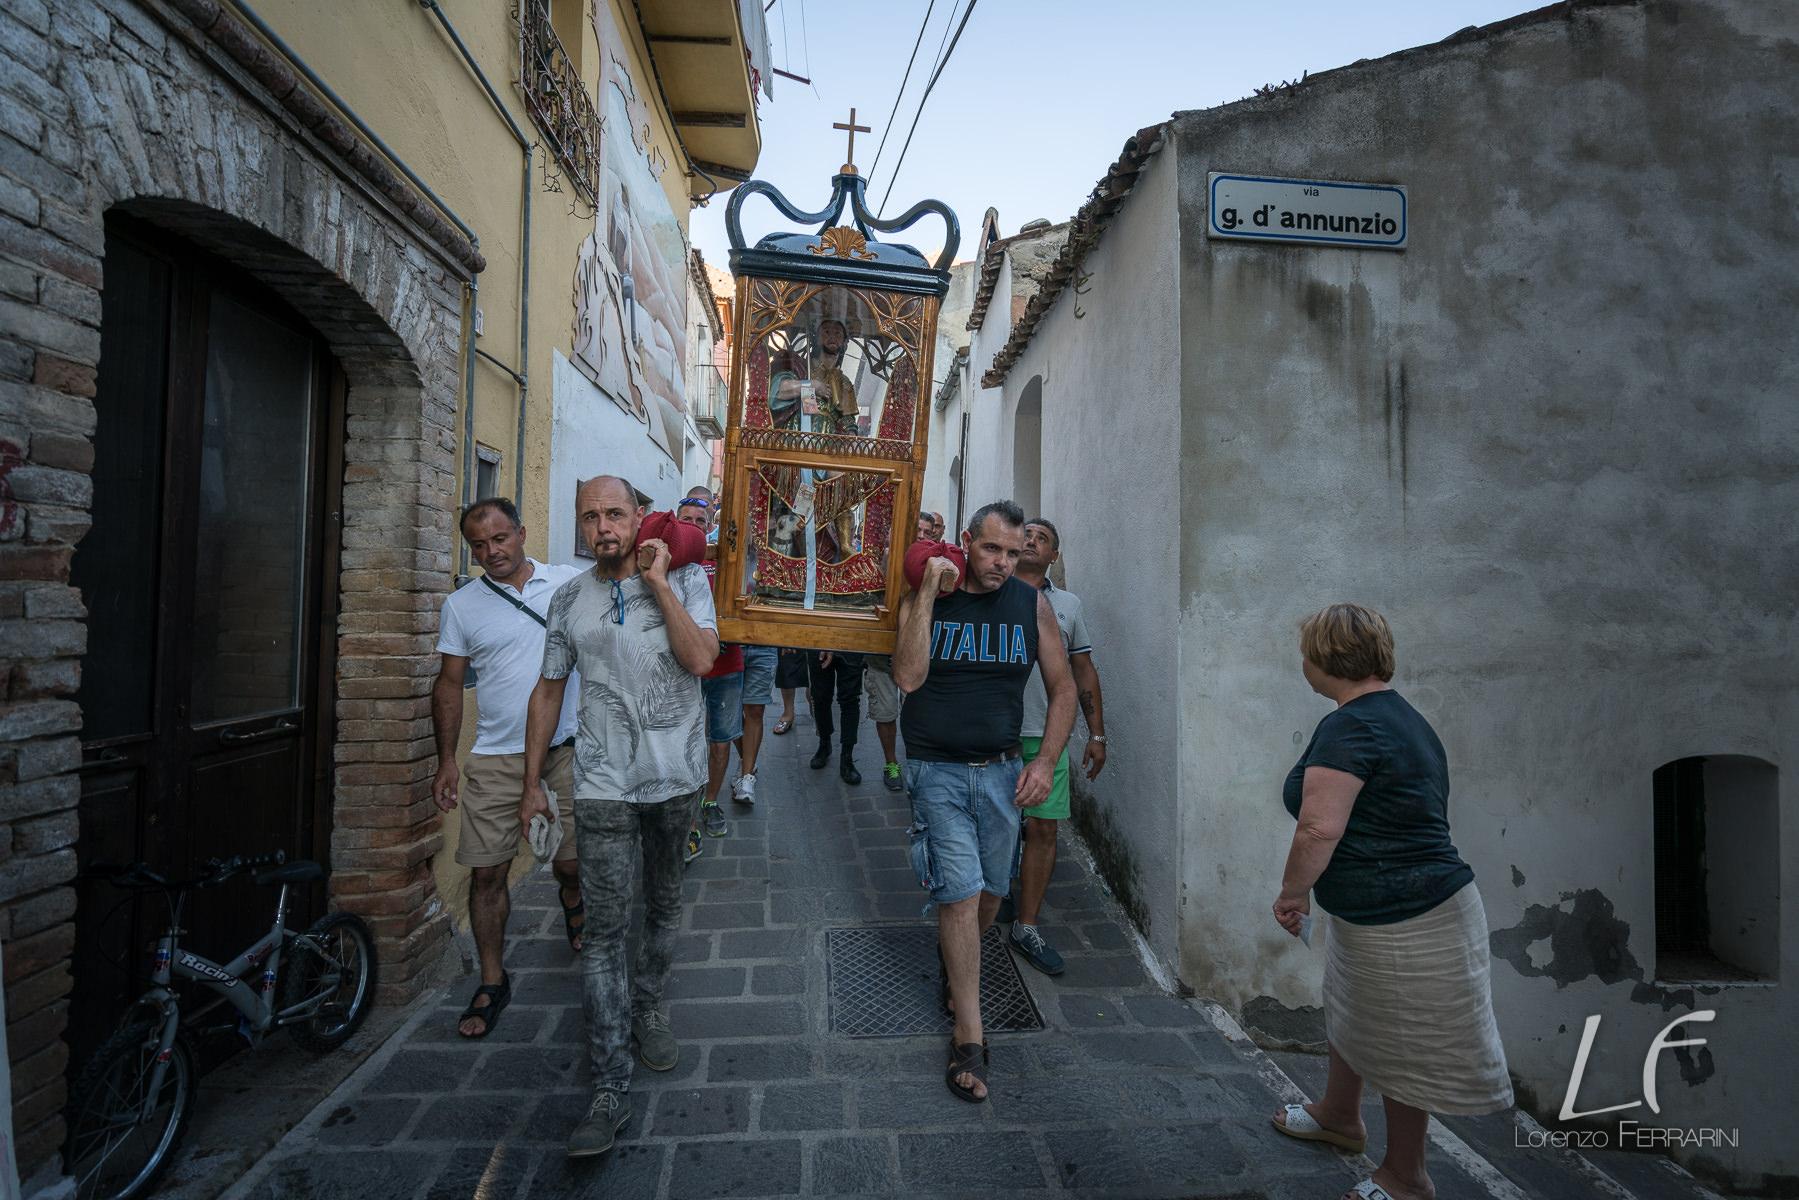 San Rocco in San Giorgio Lucano